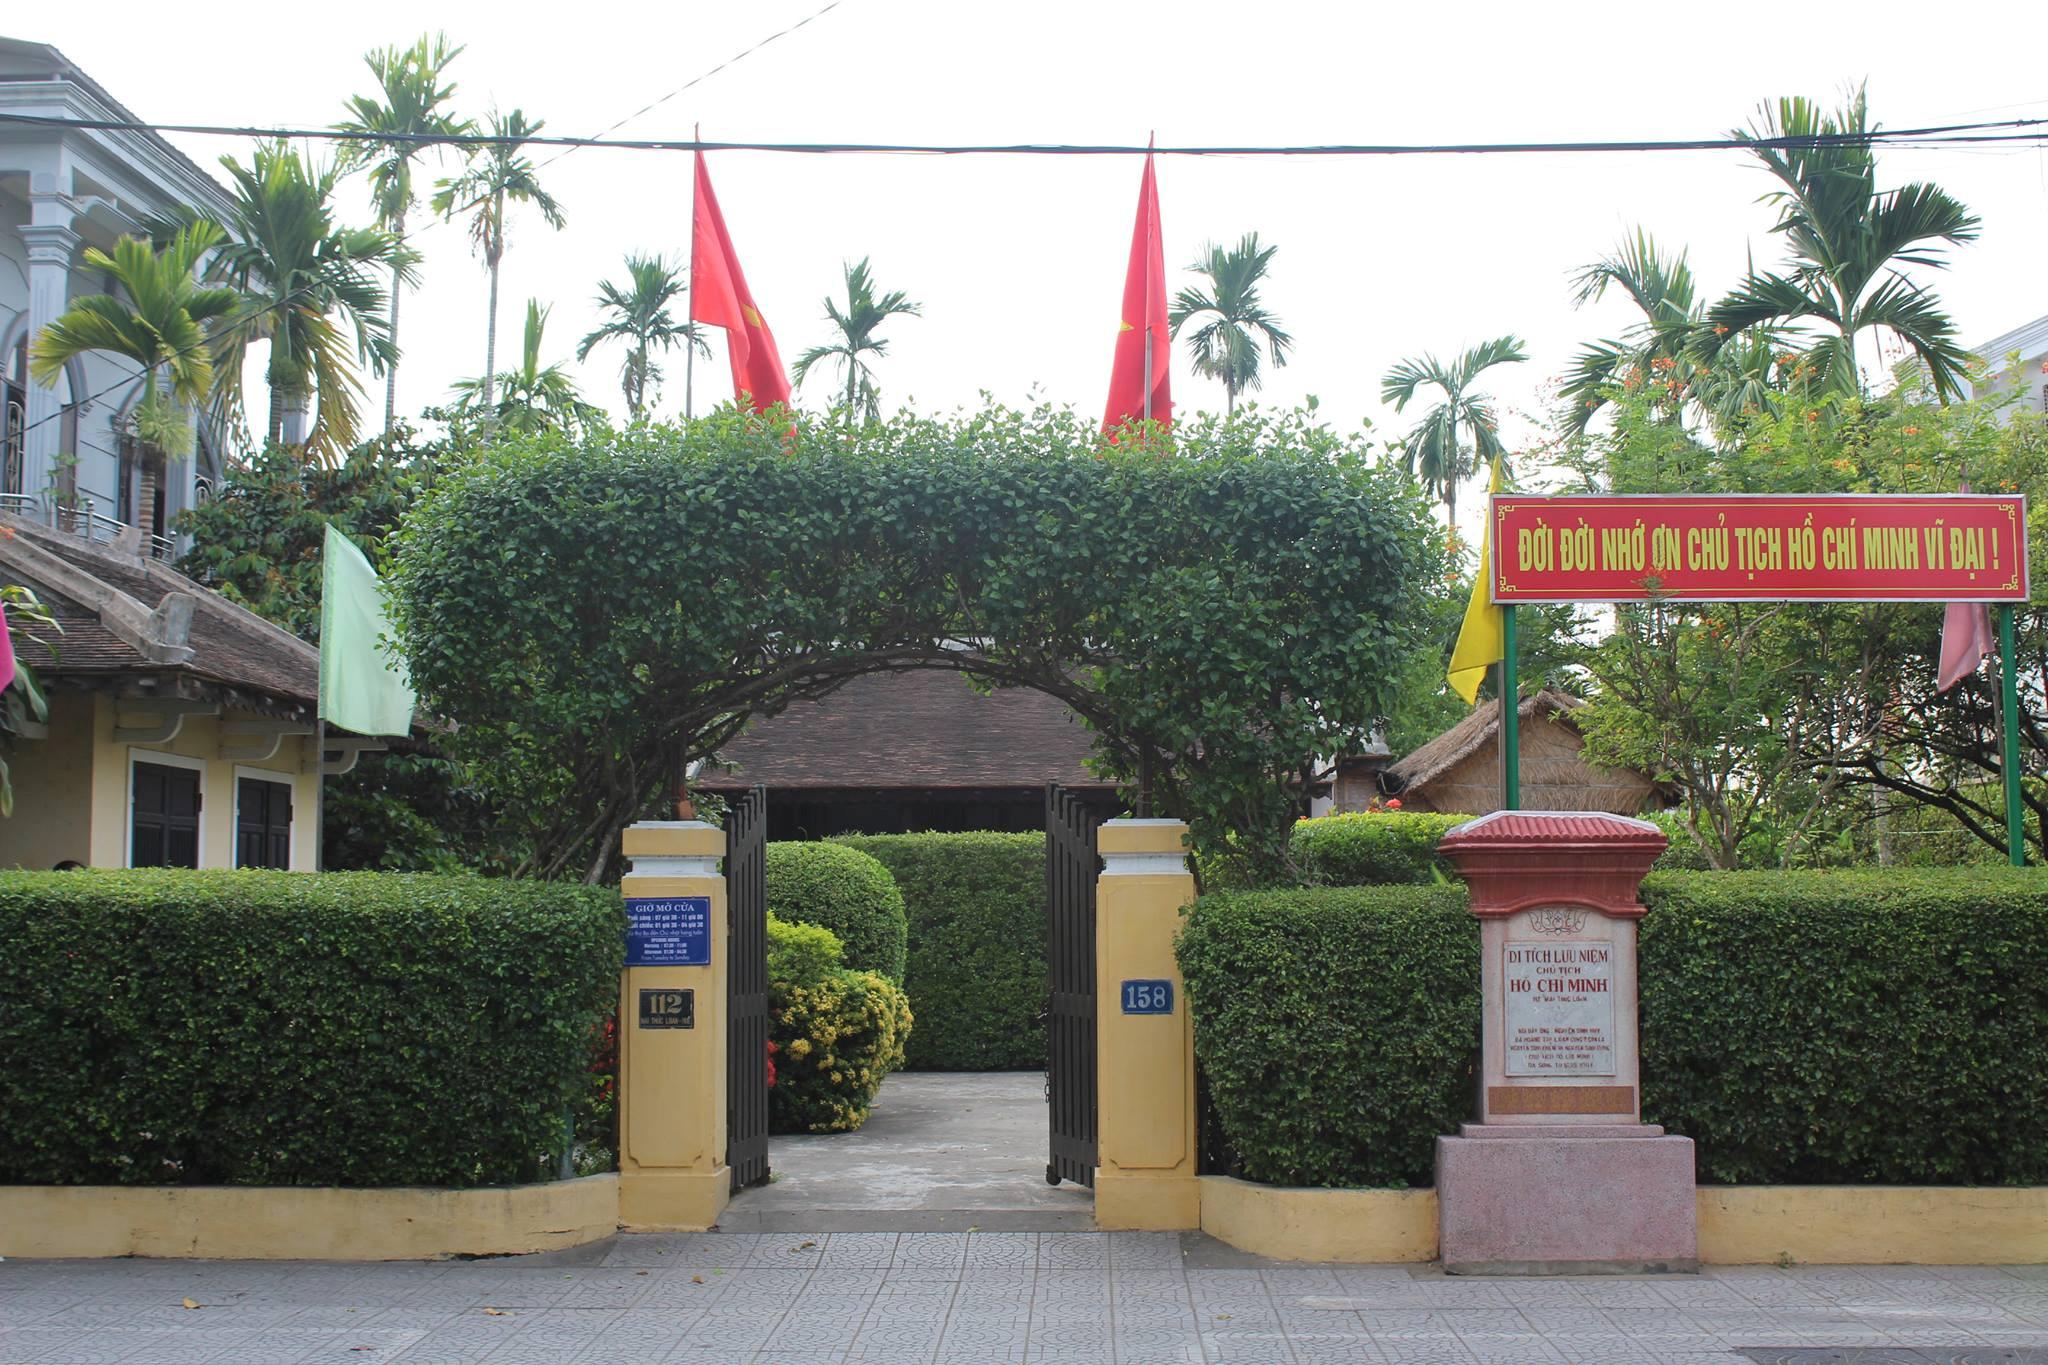 Phát huy giá trị di tích Chủ tịch Hồ Chí Minh tại Thừa Thiên Huế phục vụ phát triển du lịch - Ảnh 1.